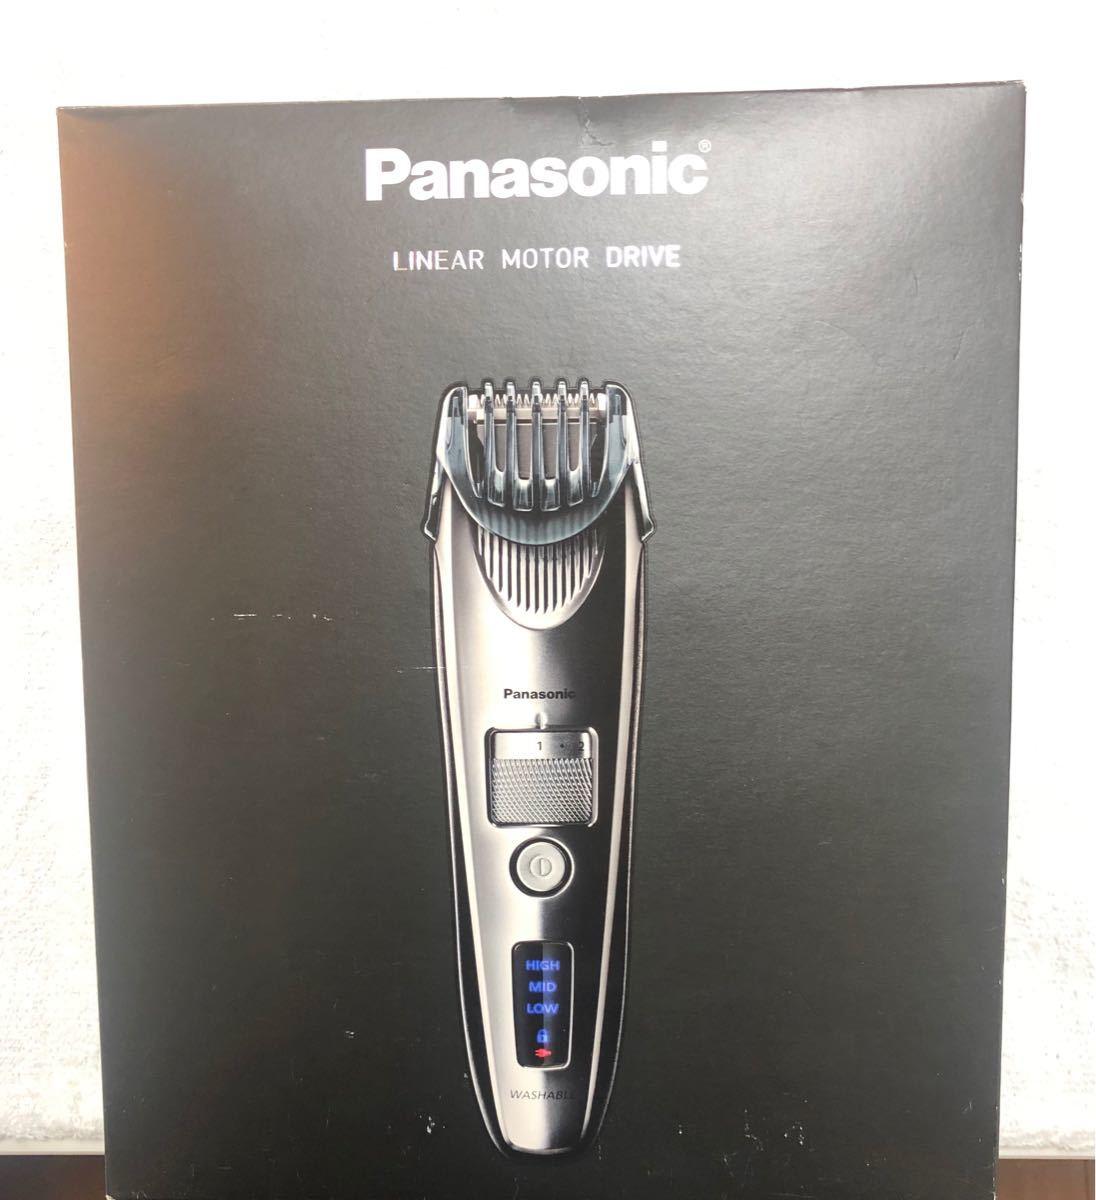 パナソニック Panasonic ヒゲトリマー ER-SB60-S 新品未使用品